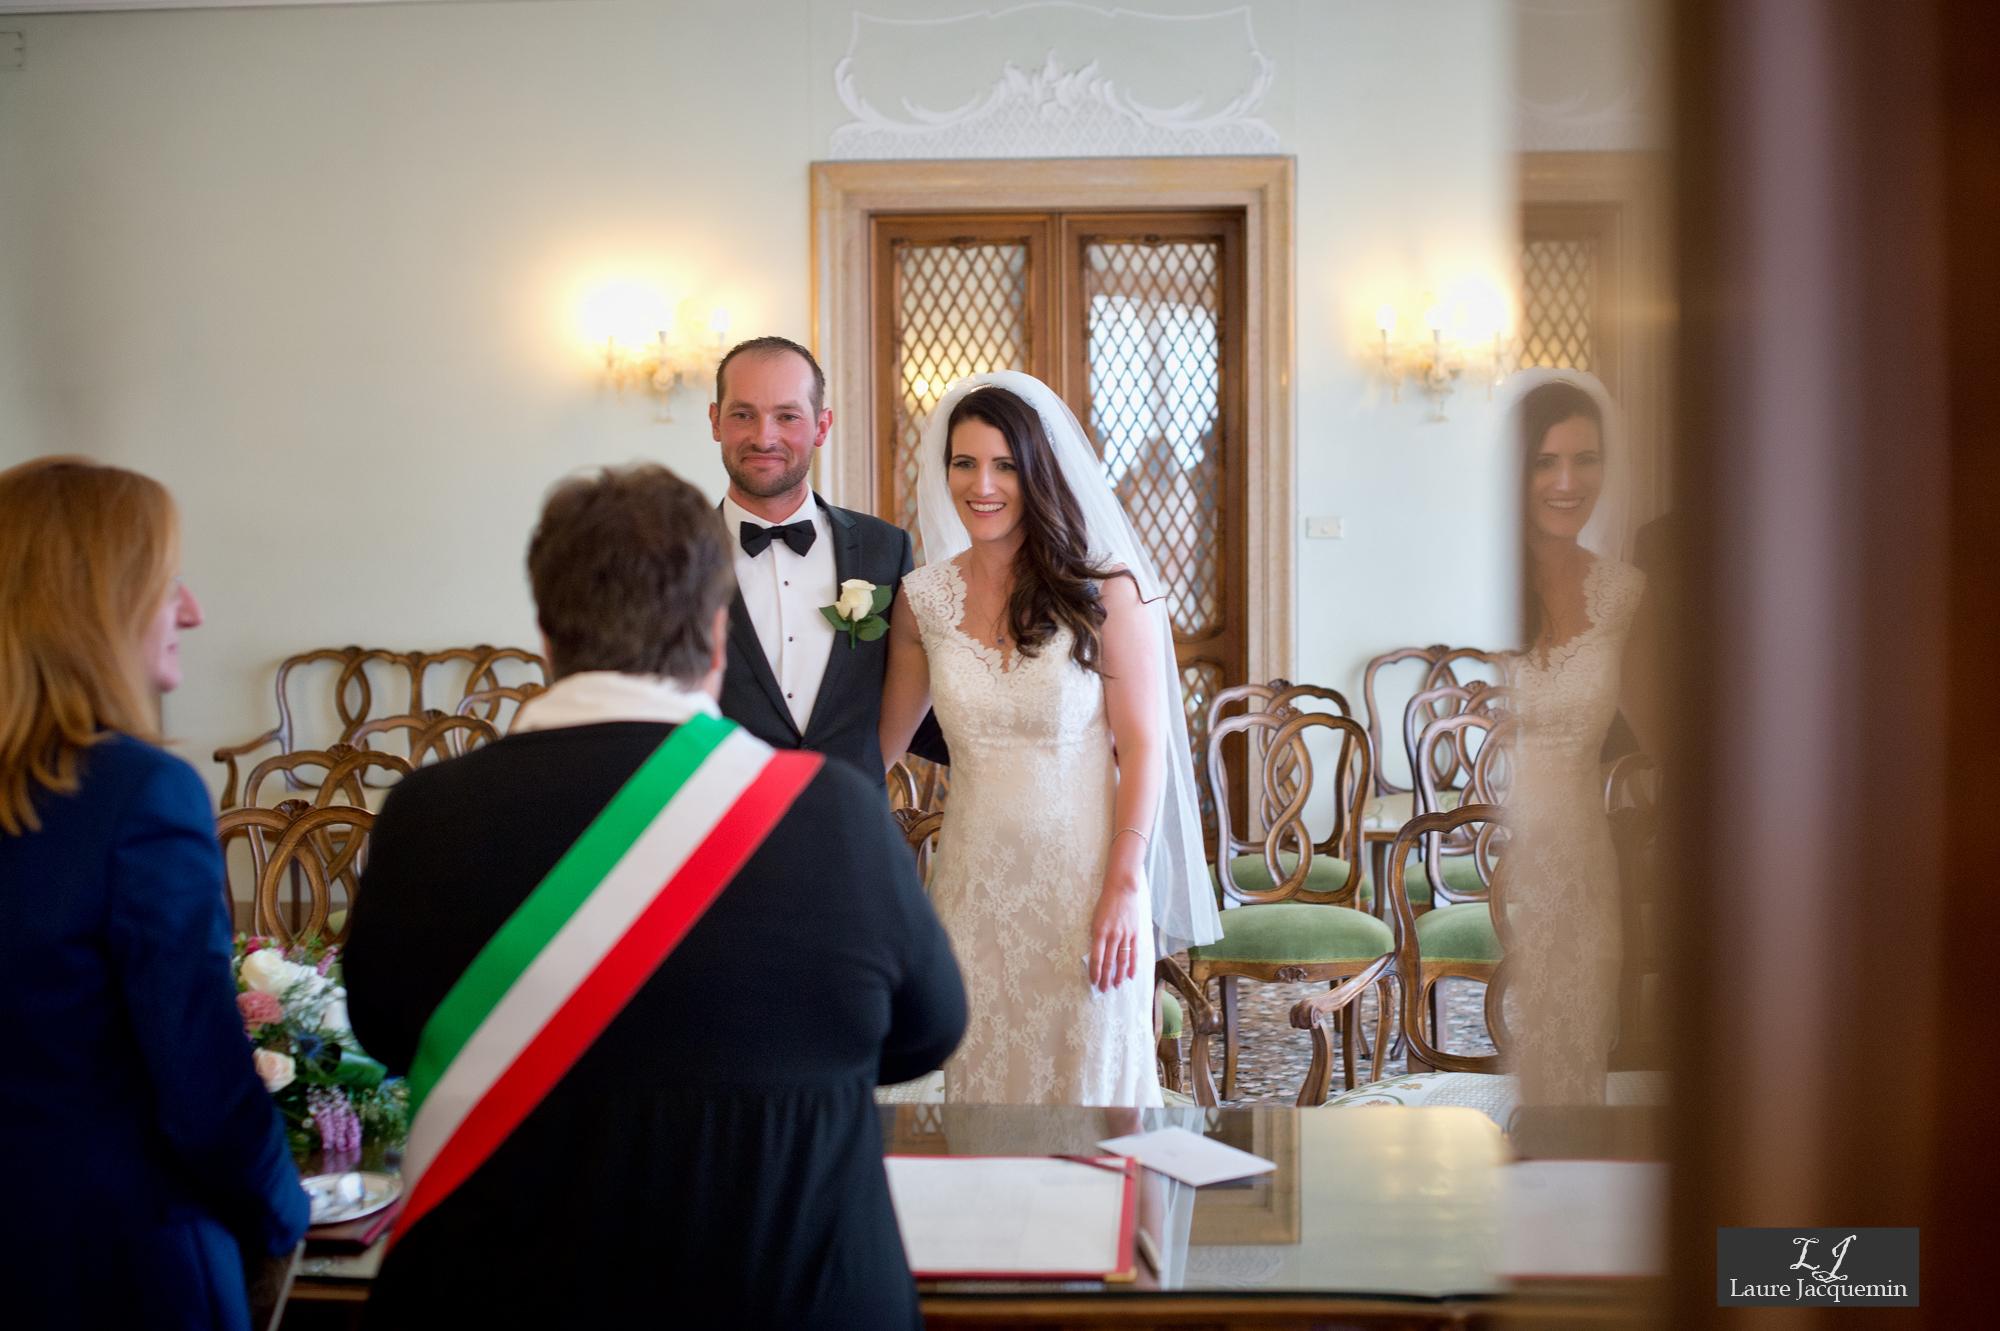 photographe mariage laure jacquemin palazzo cavalli service photographique (34)